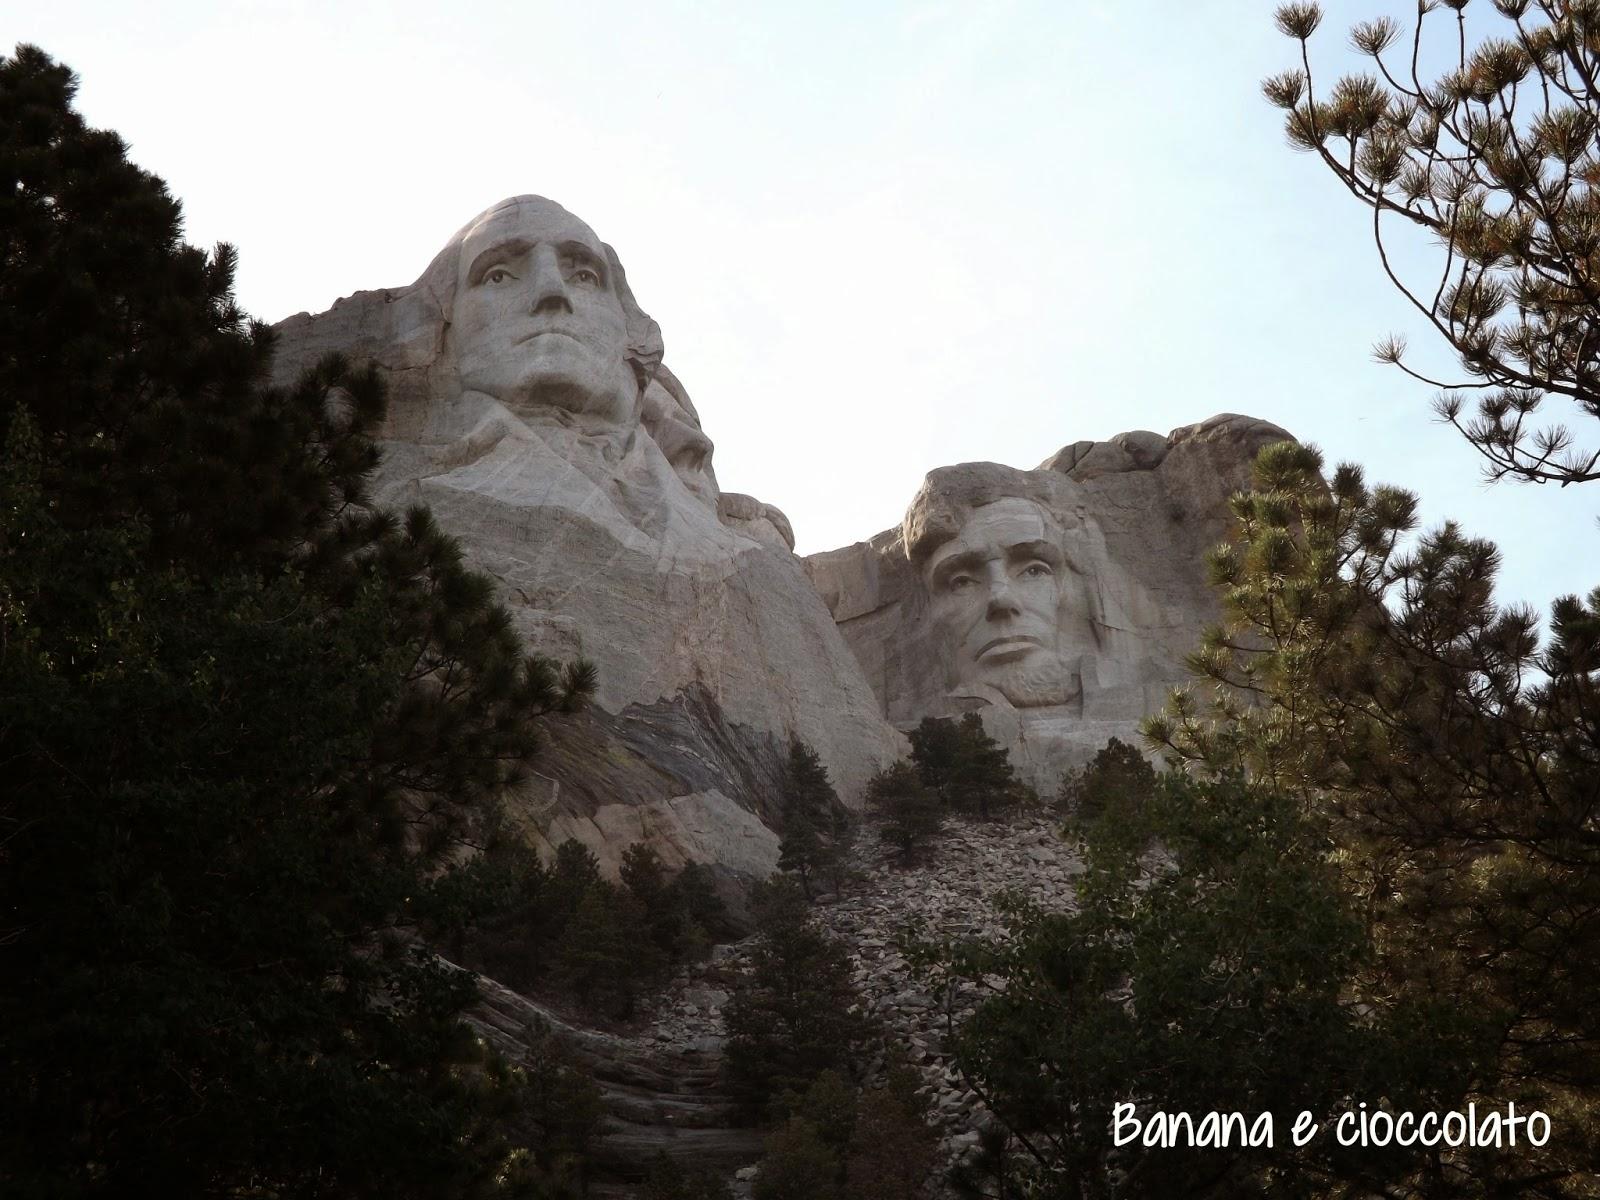 monte Rushmore, silvia diemmi, banana e cioccolato, usa